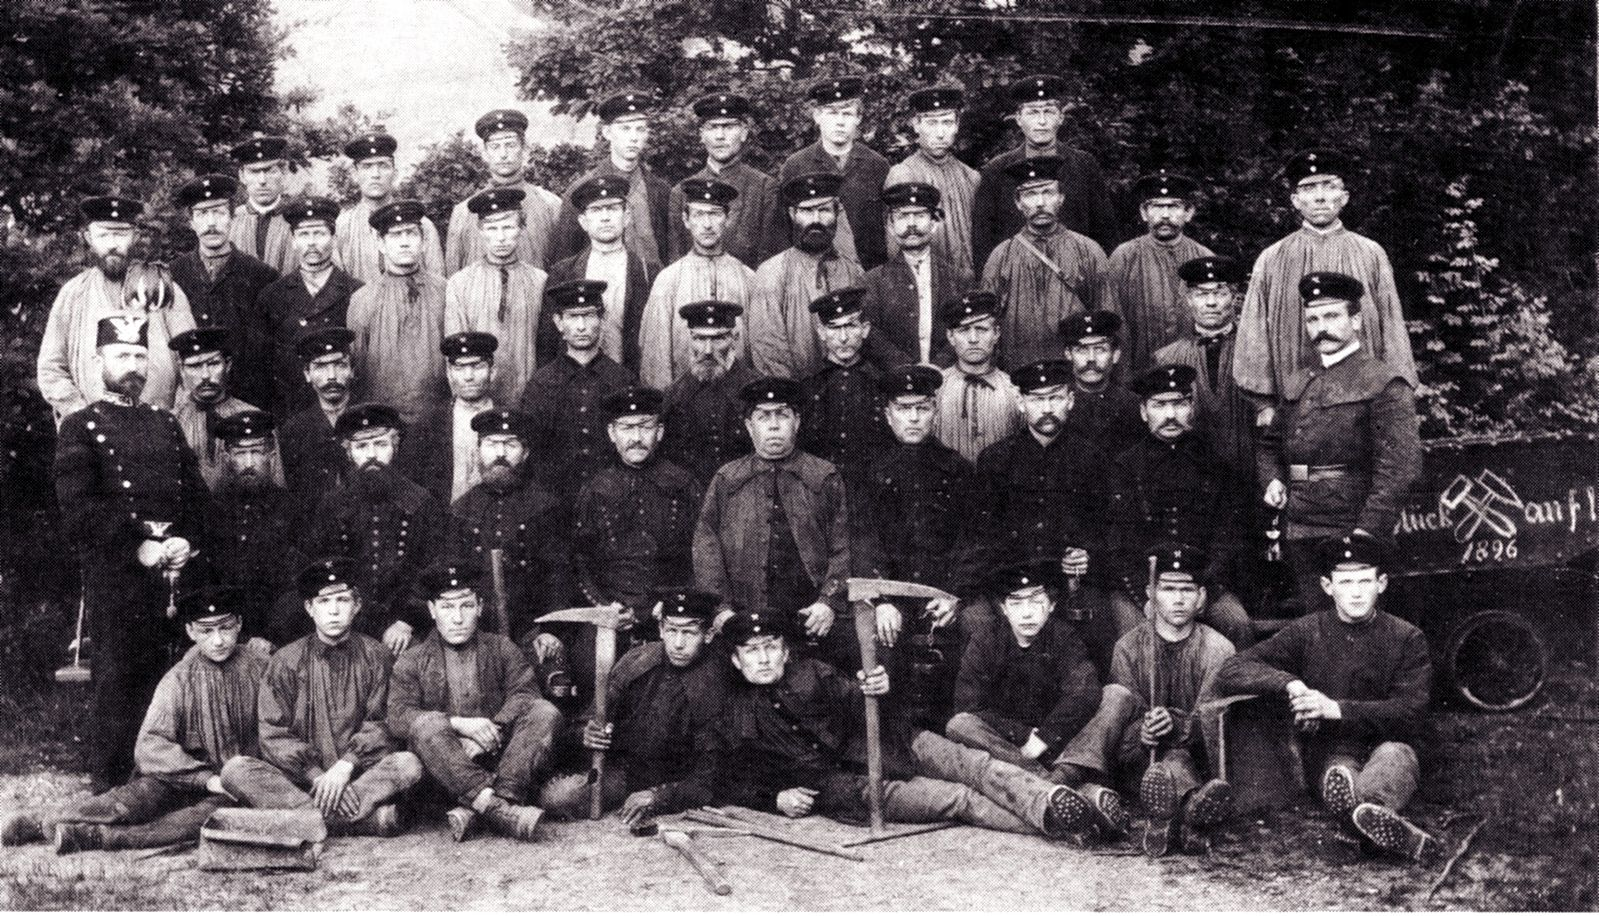 Coal miners in Marsberg in present-day North Rhine-Westphalia, ca. 1896. Source:Felix Bieker and Klaus Lattek, ed. Kilianstollen.Bergbau und Geologie in Marsberg. Marsberg,1986.